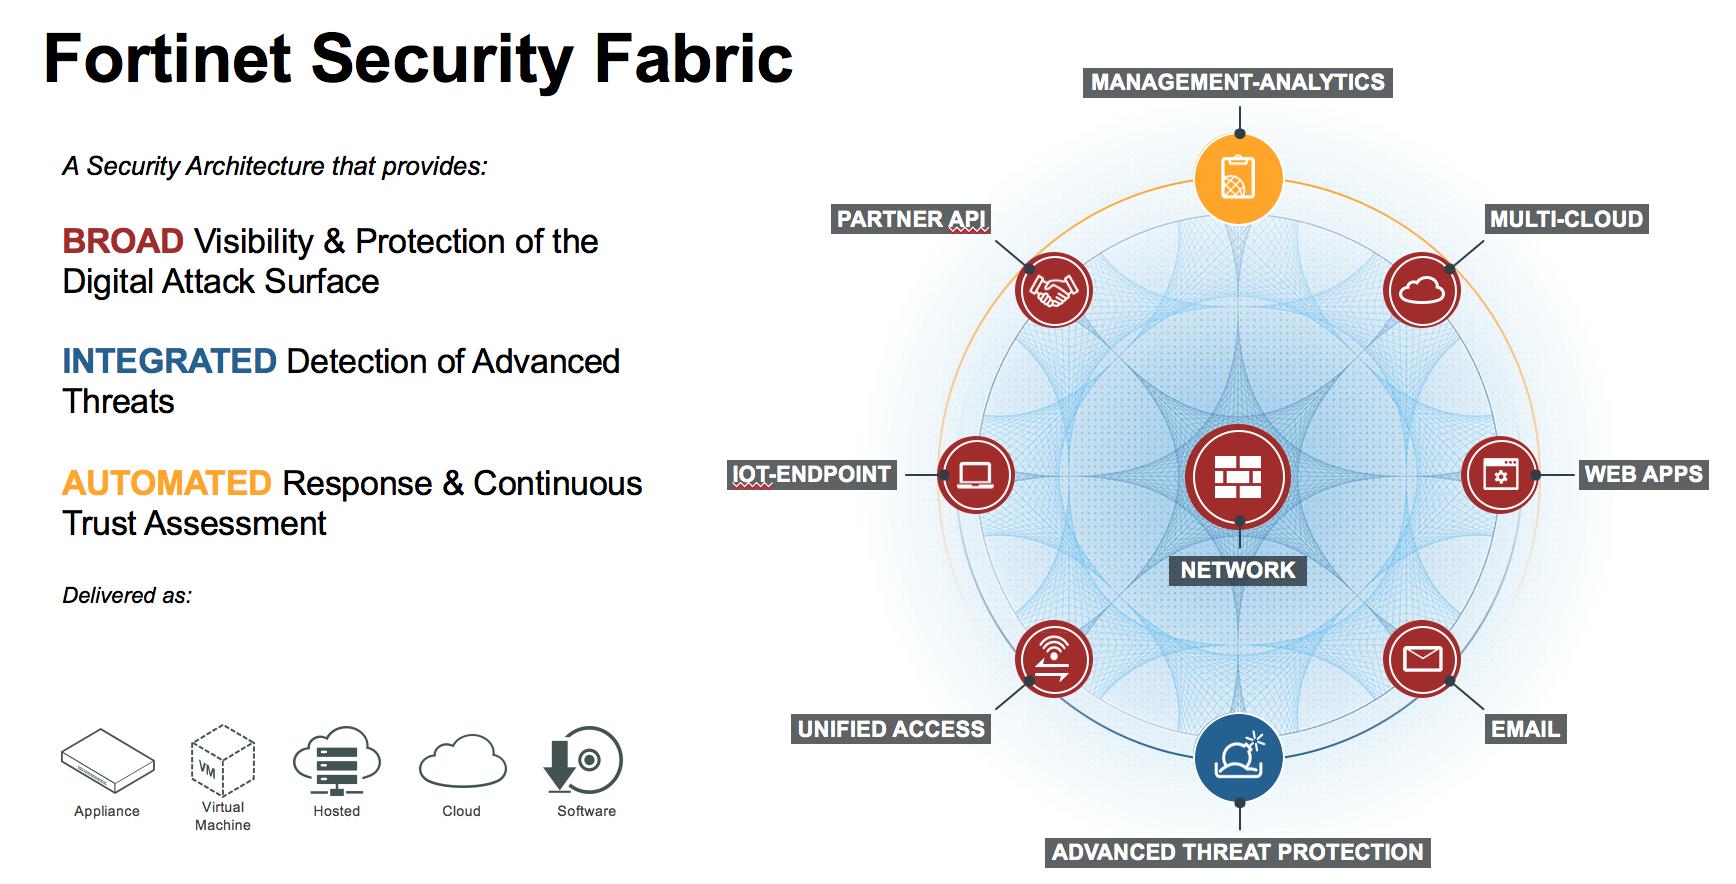 Fortinet introduce más de 350 nuevas funciones a su plataforma Security Fabric – Noticias de panamá Periódico diario de Panamá Novedades